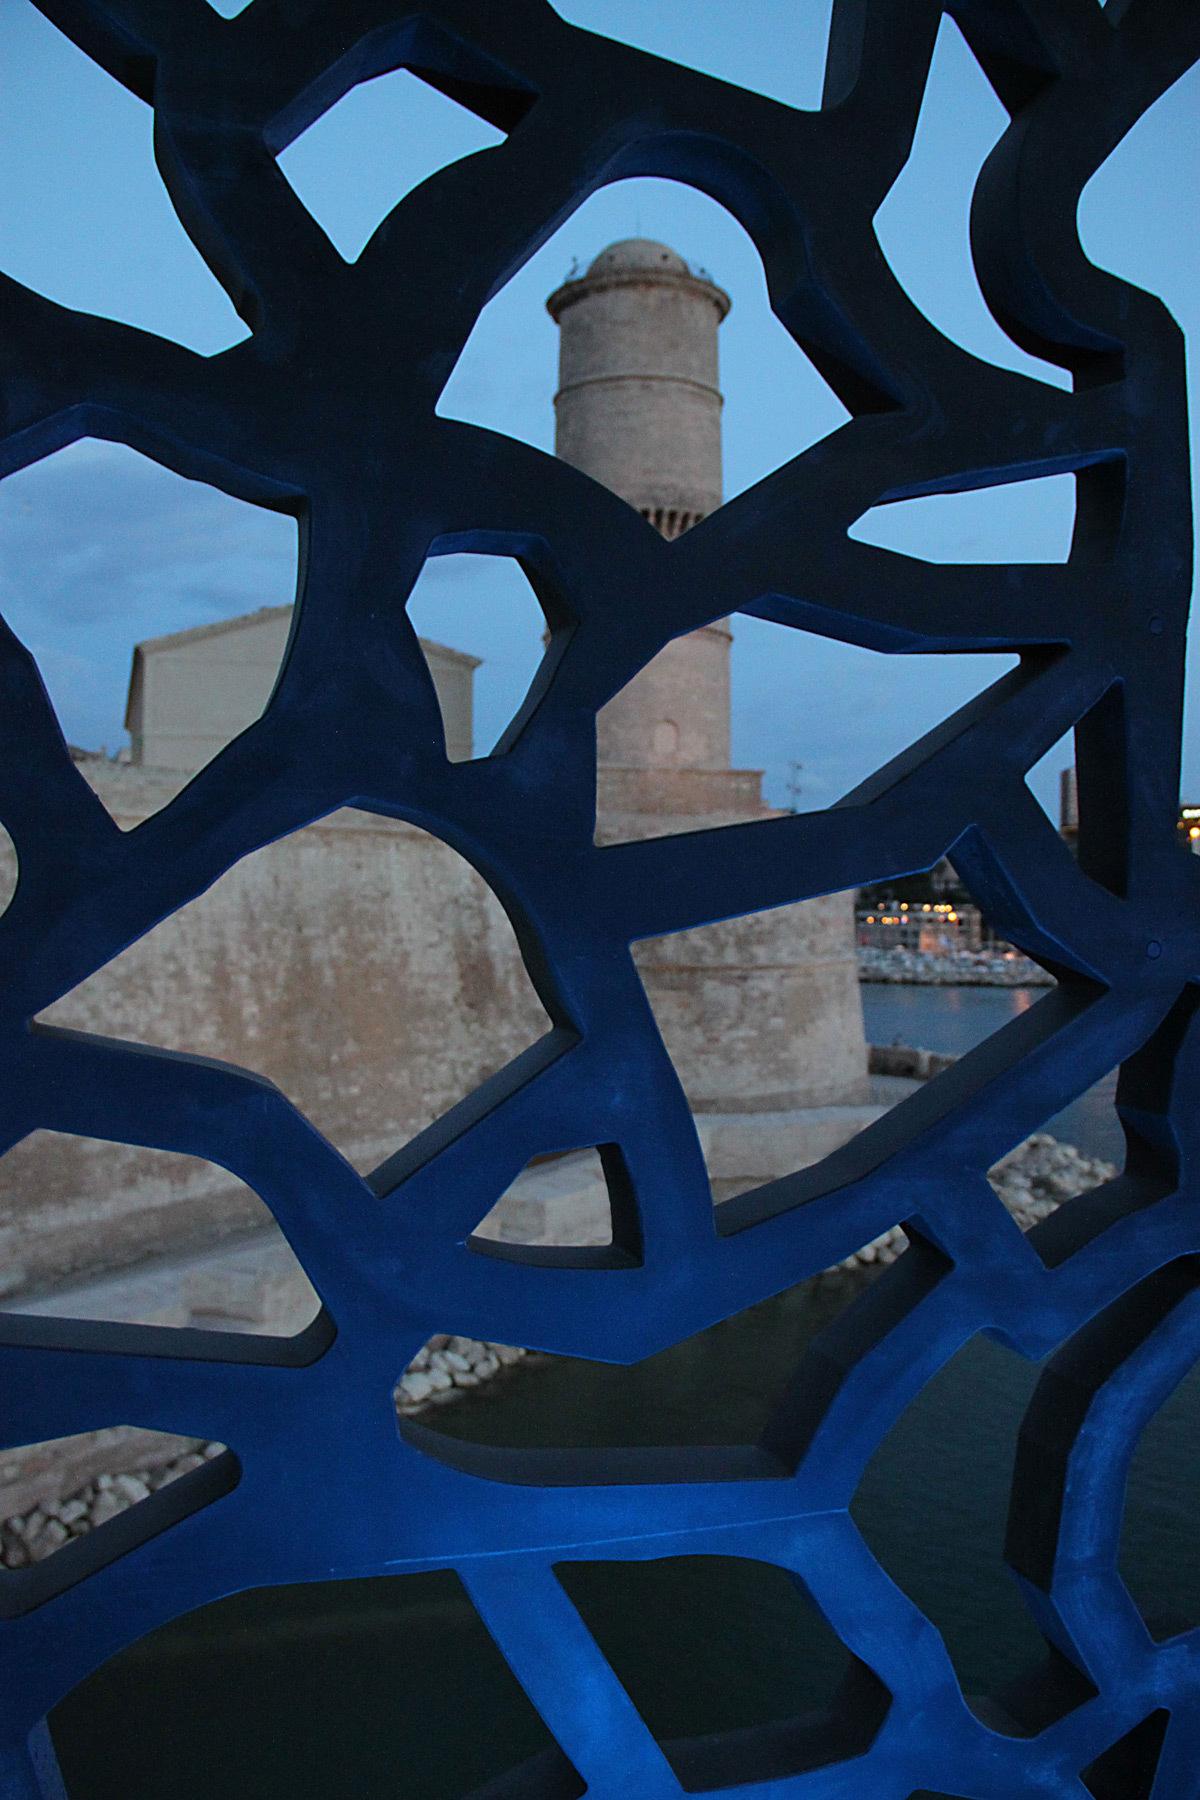 Détail de la dentelle de béton depuis l'intérieur - Mer-Veille, MuCEM, Marseille, France © Yann Kersalé, AIK - Photo : Vincent Laganier